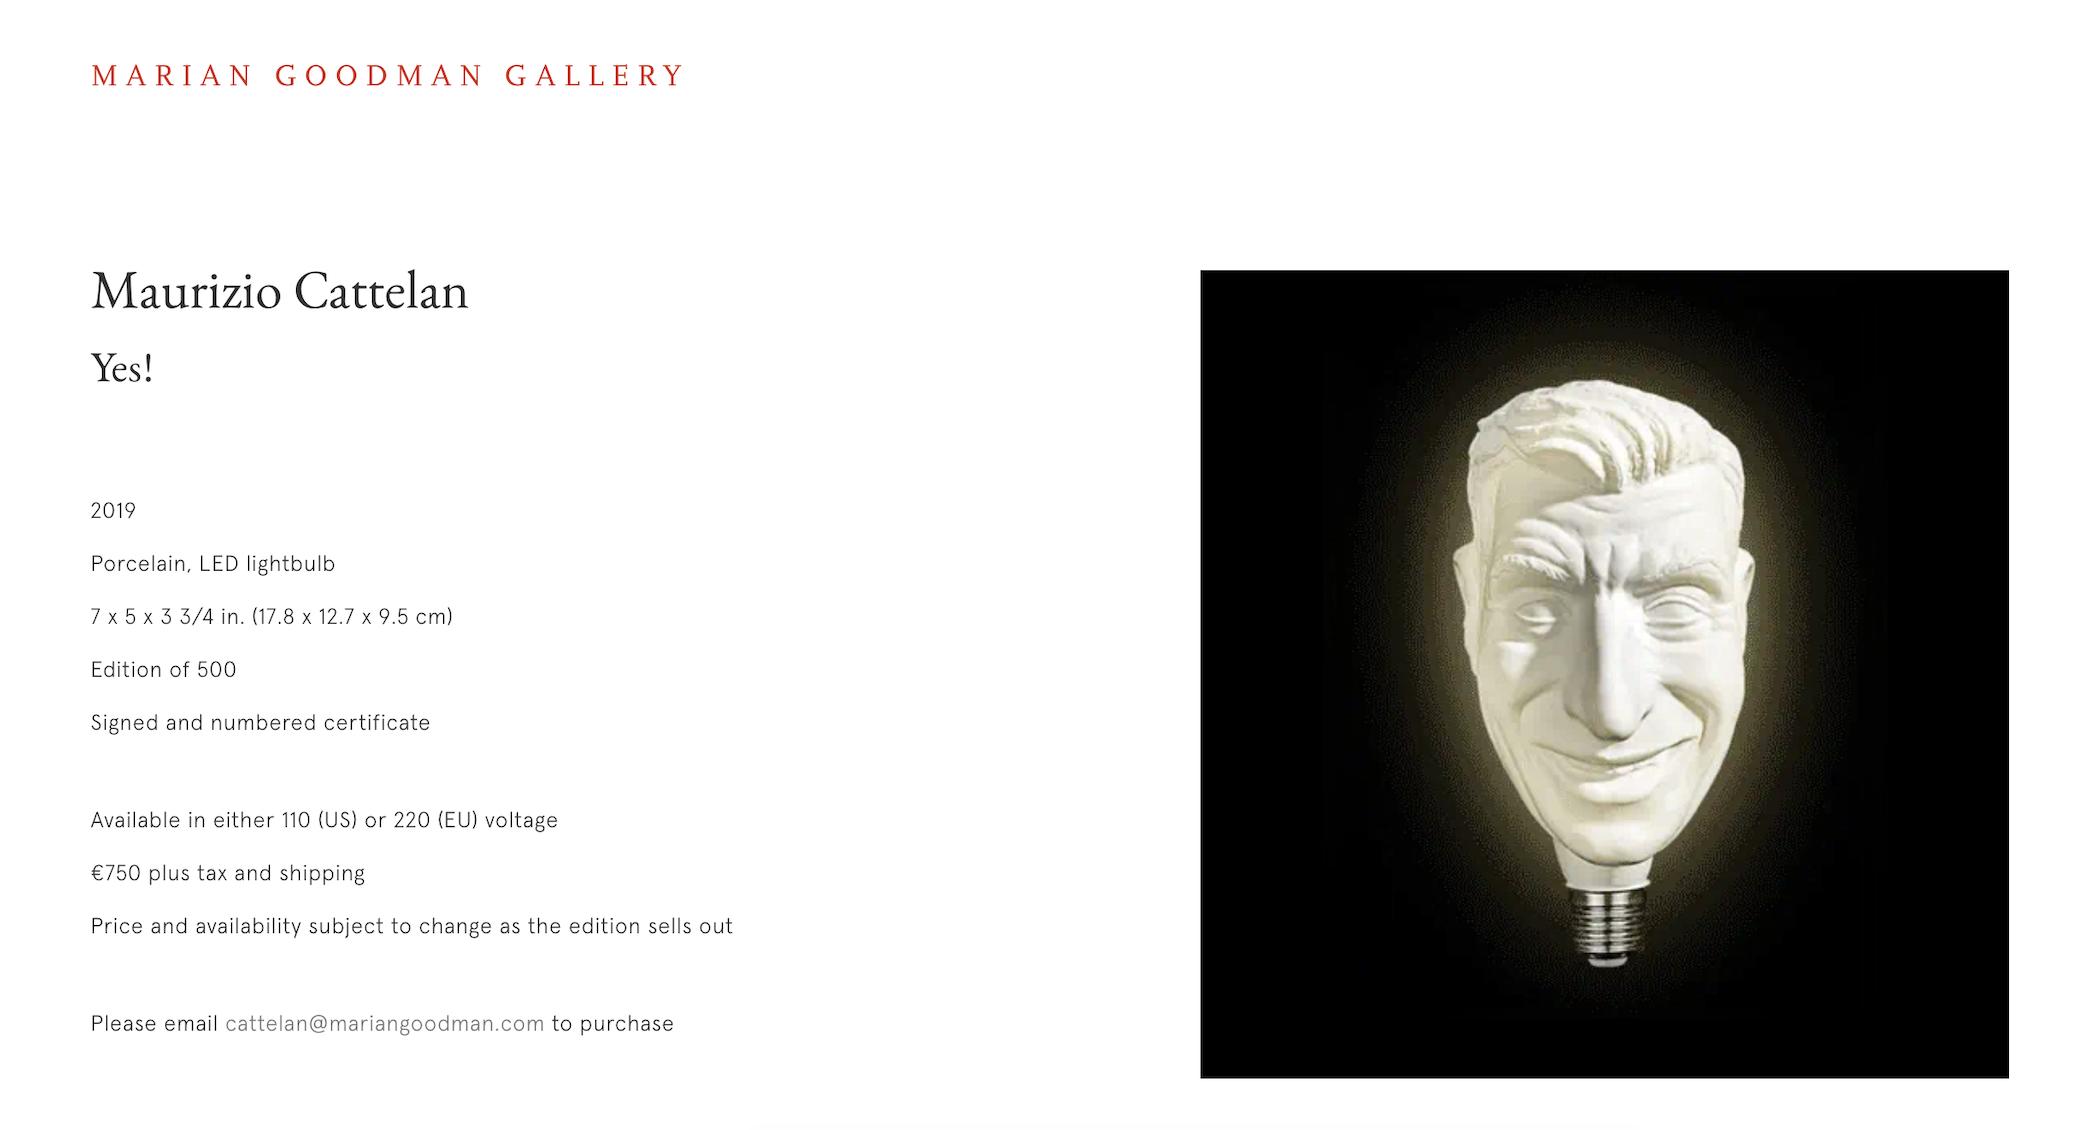 Sito web Marian Goodman Gallery - la lampadina Yes! di Maurizio Cattelan